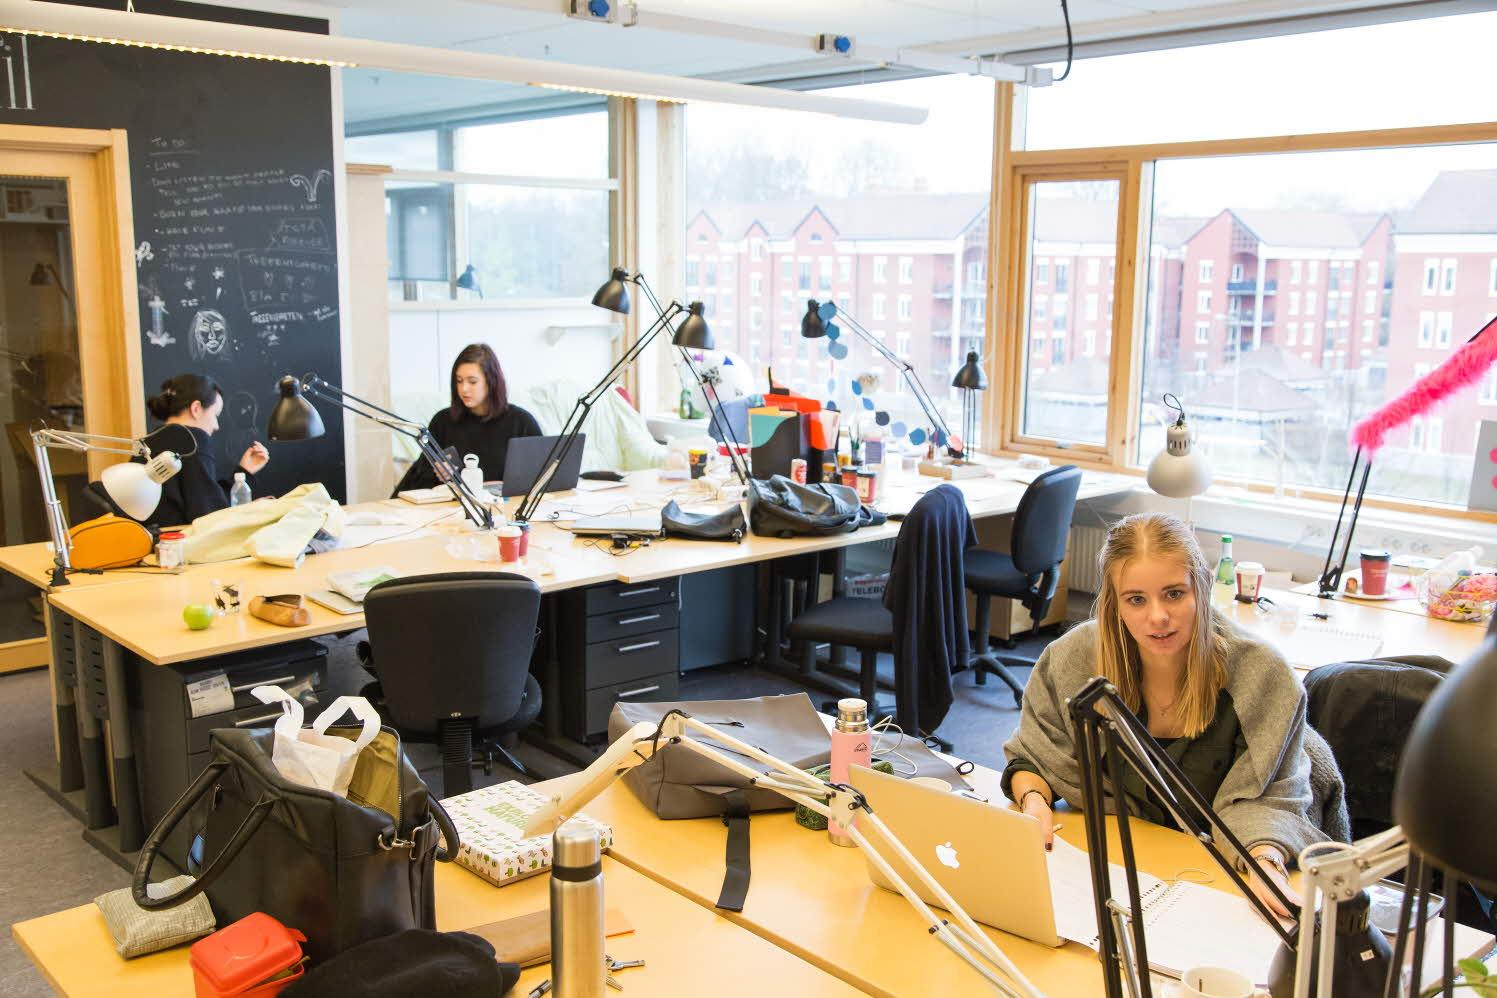 دانشگاه لینوس در کشور سوئد